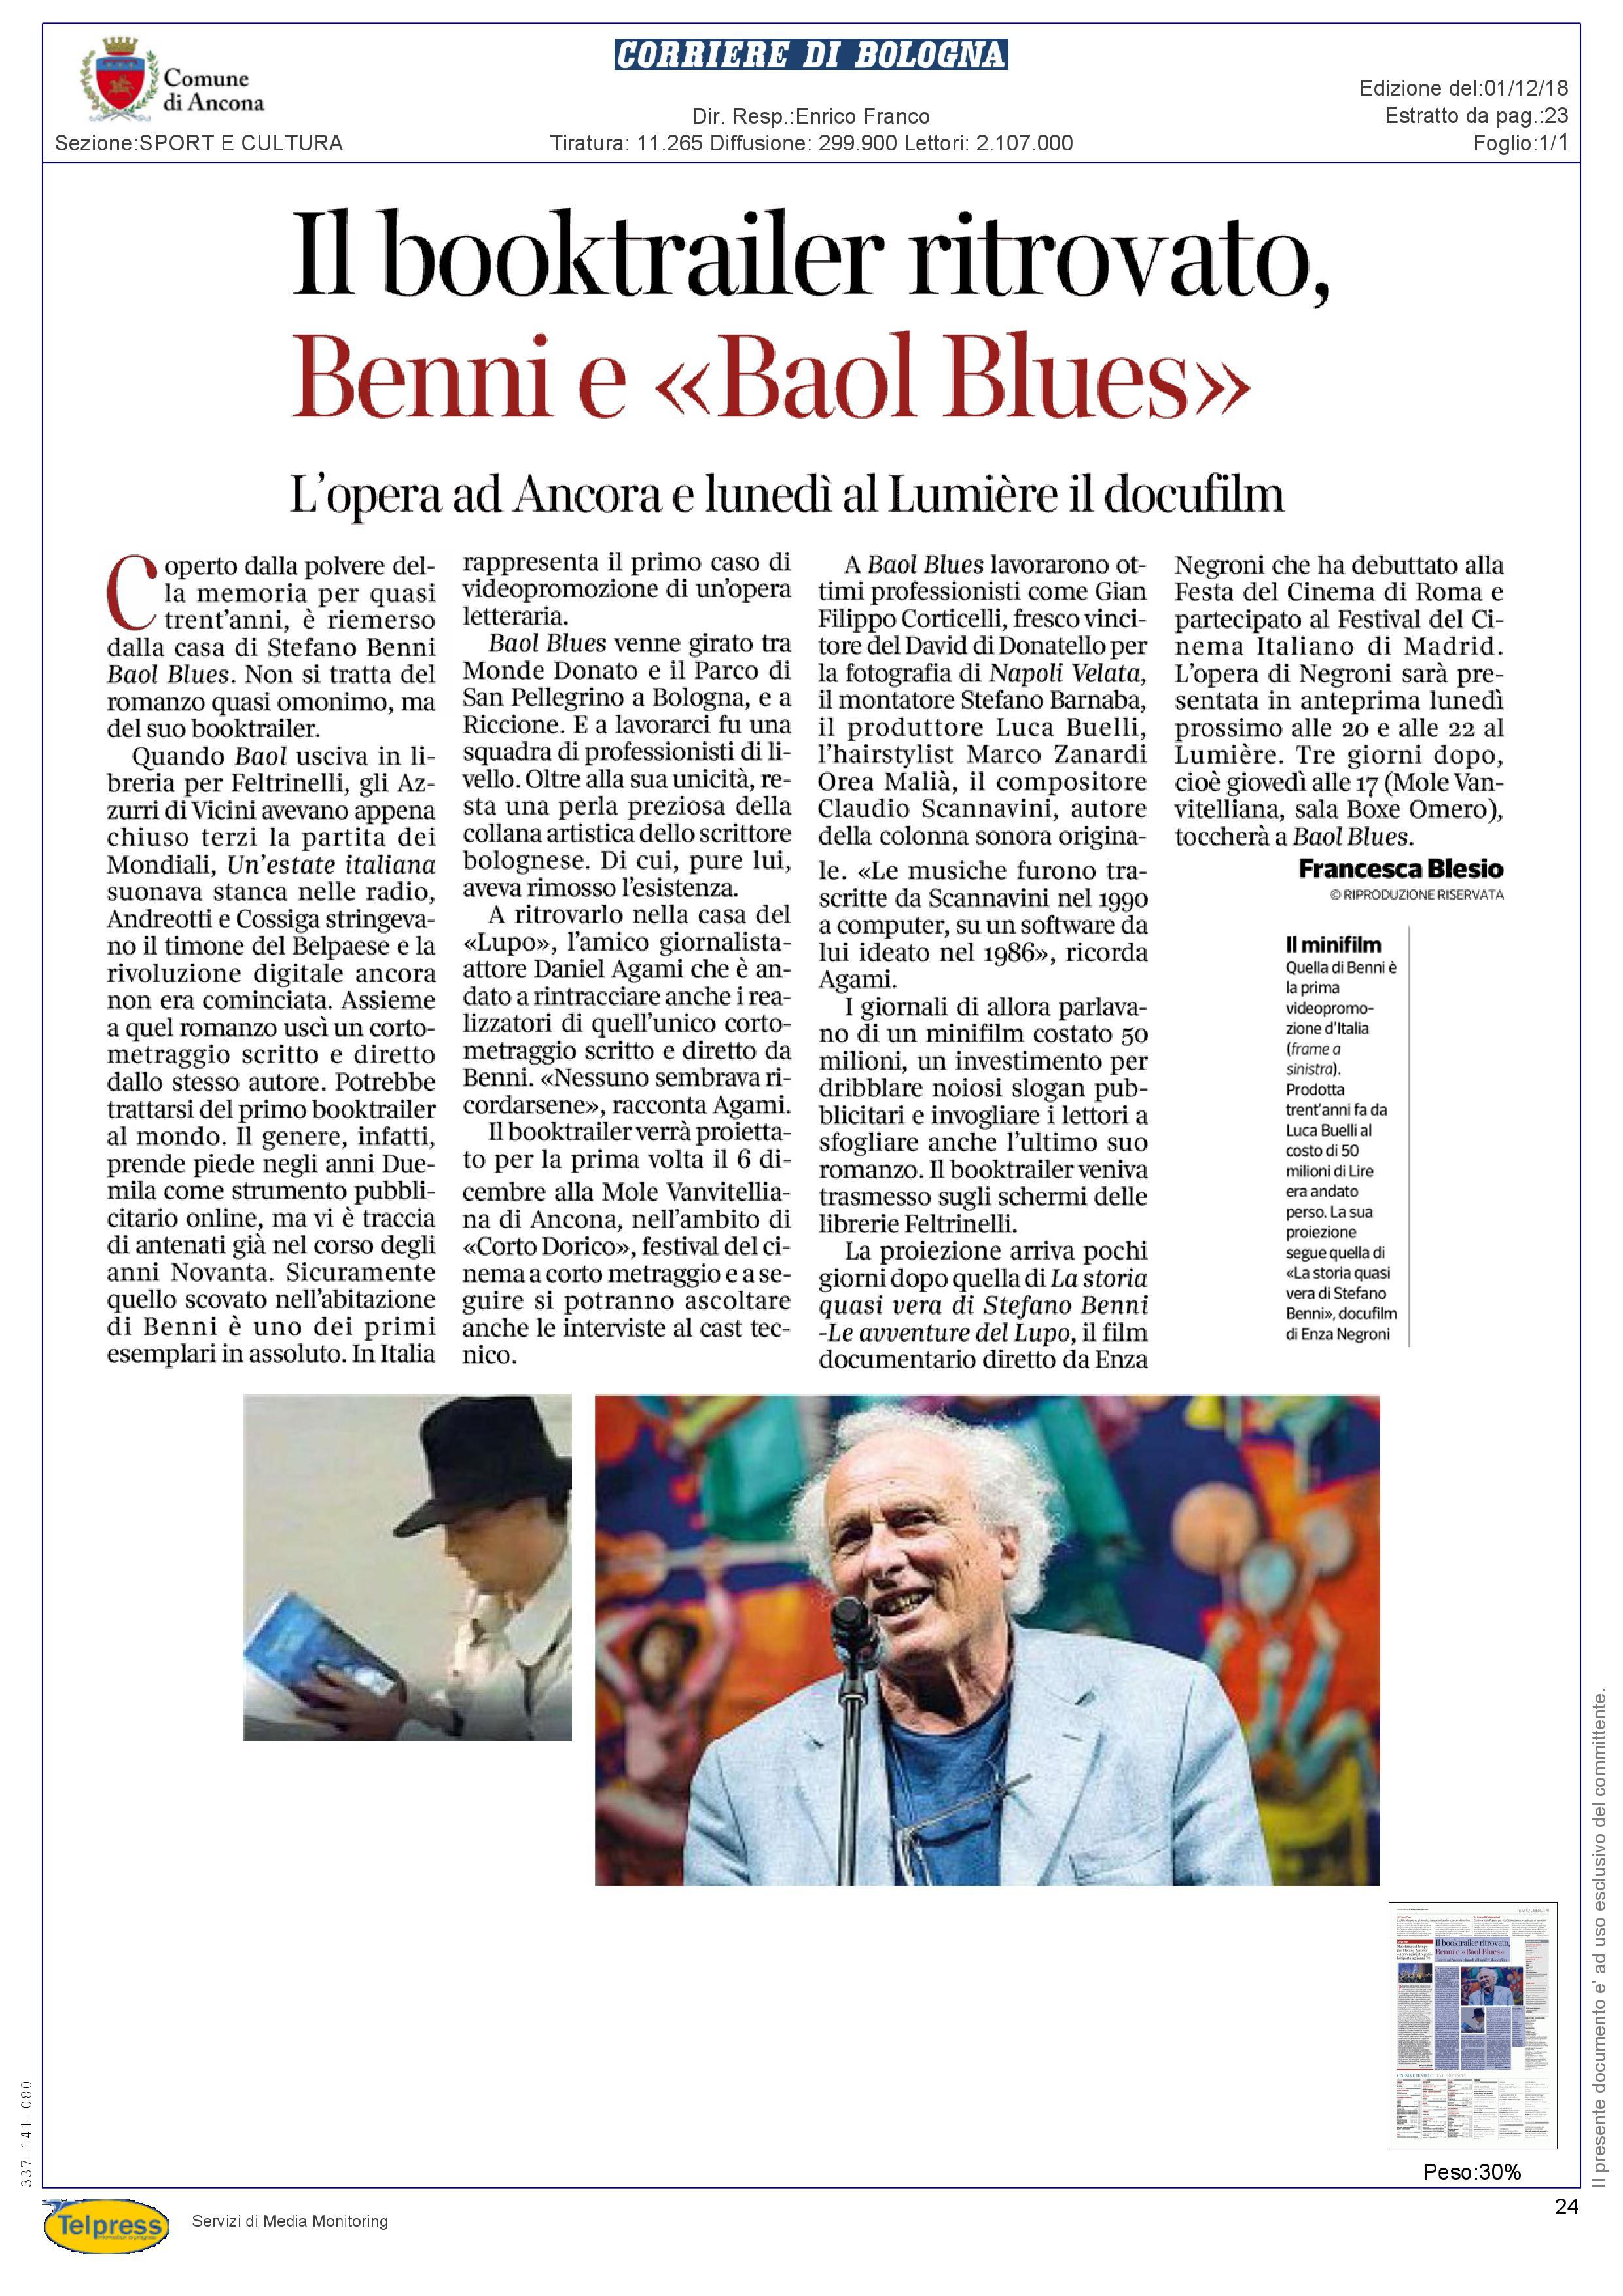 1-12-18 Corriere  della Sera - Bologna